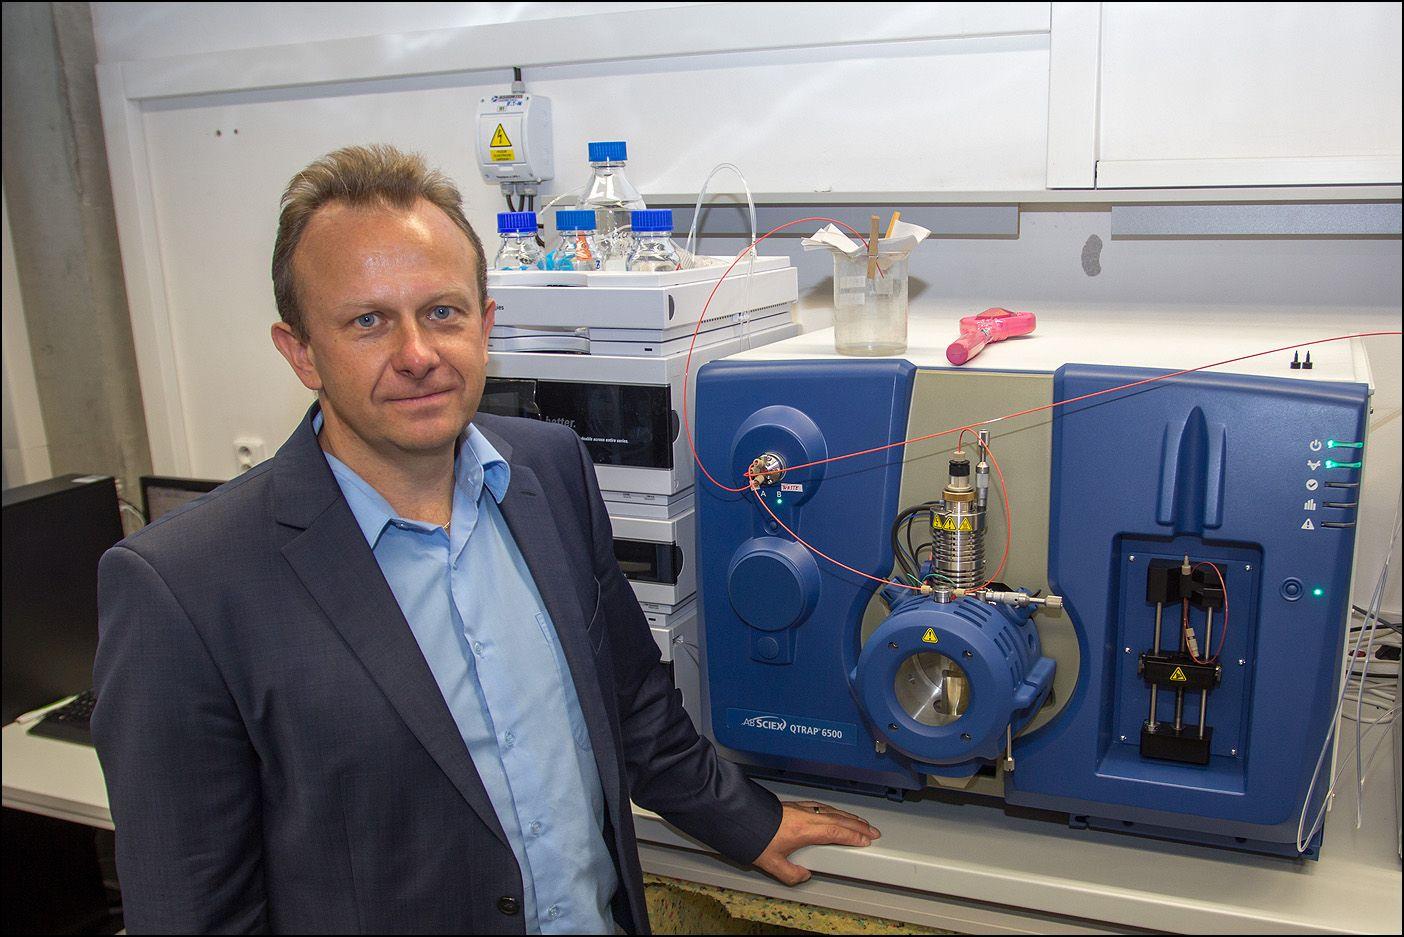 Aktuálně.cz: Univerzita Pardubice: Profesor Michal Holčapek ve své laboratoři na Univerzitě Pardubice.